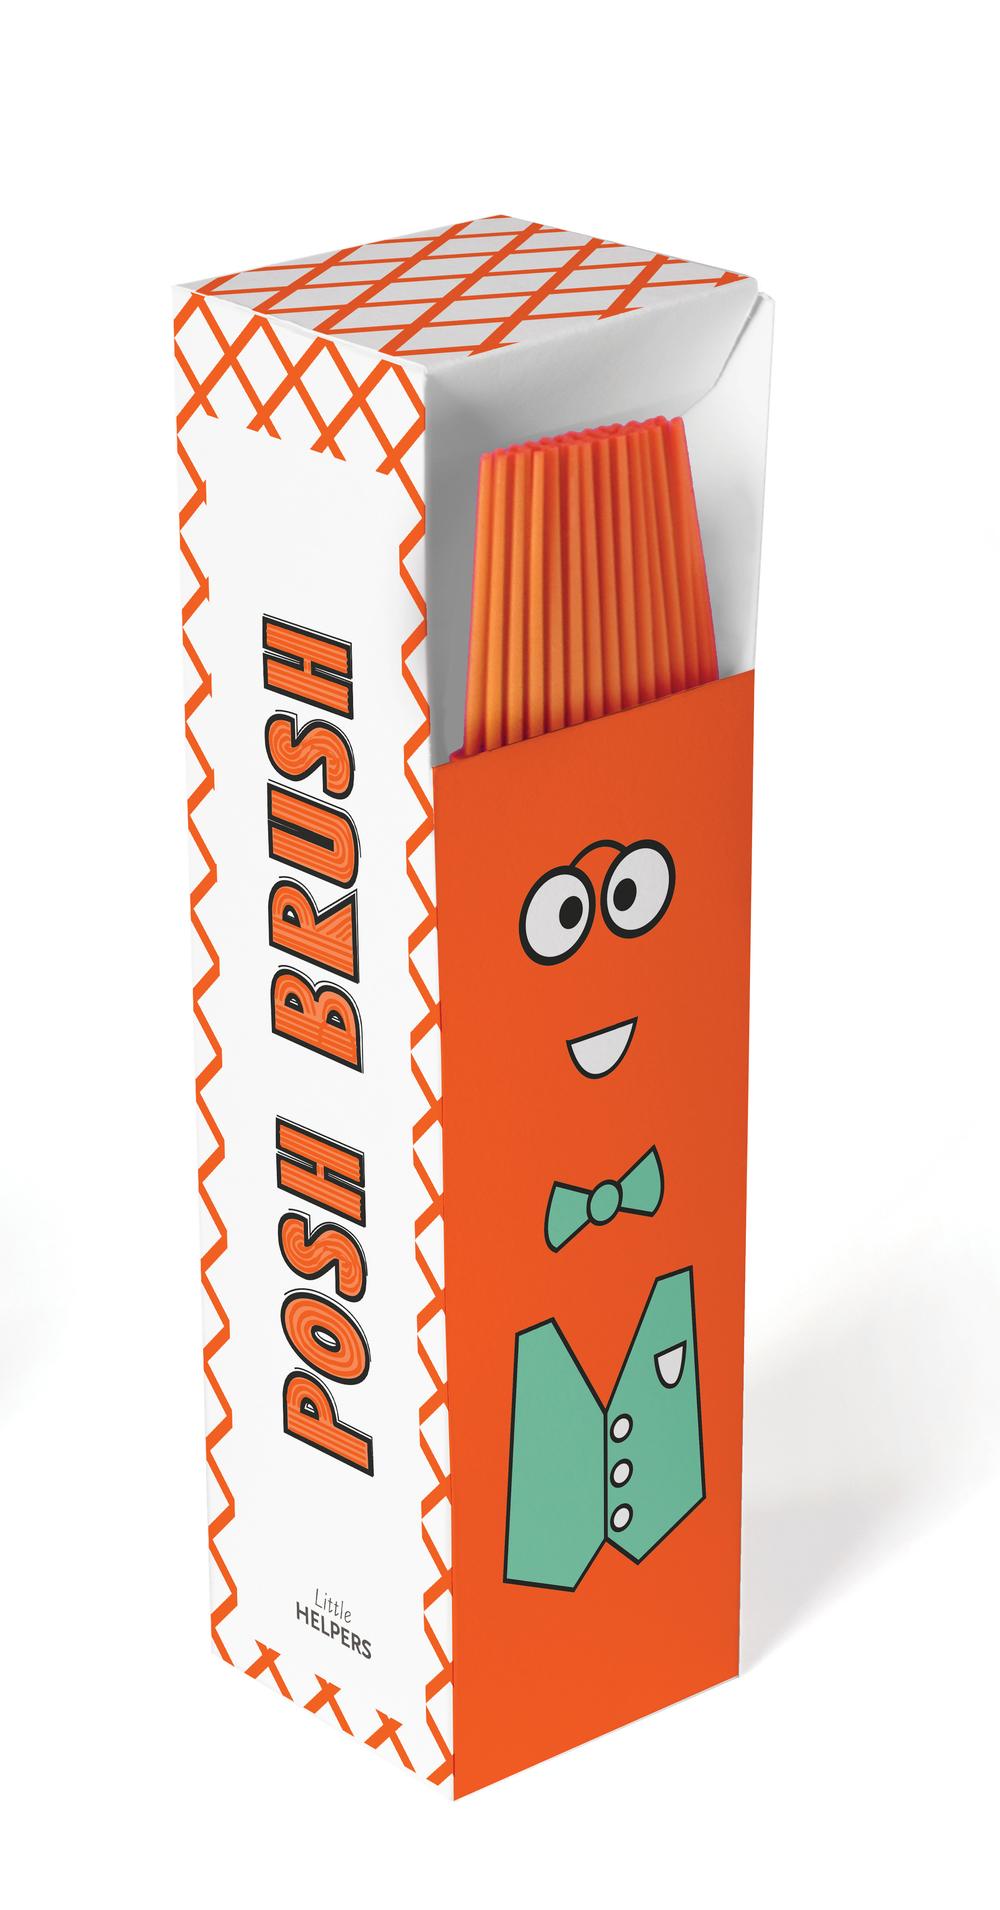 poshbrush.jpg